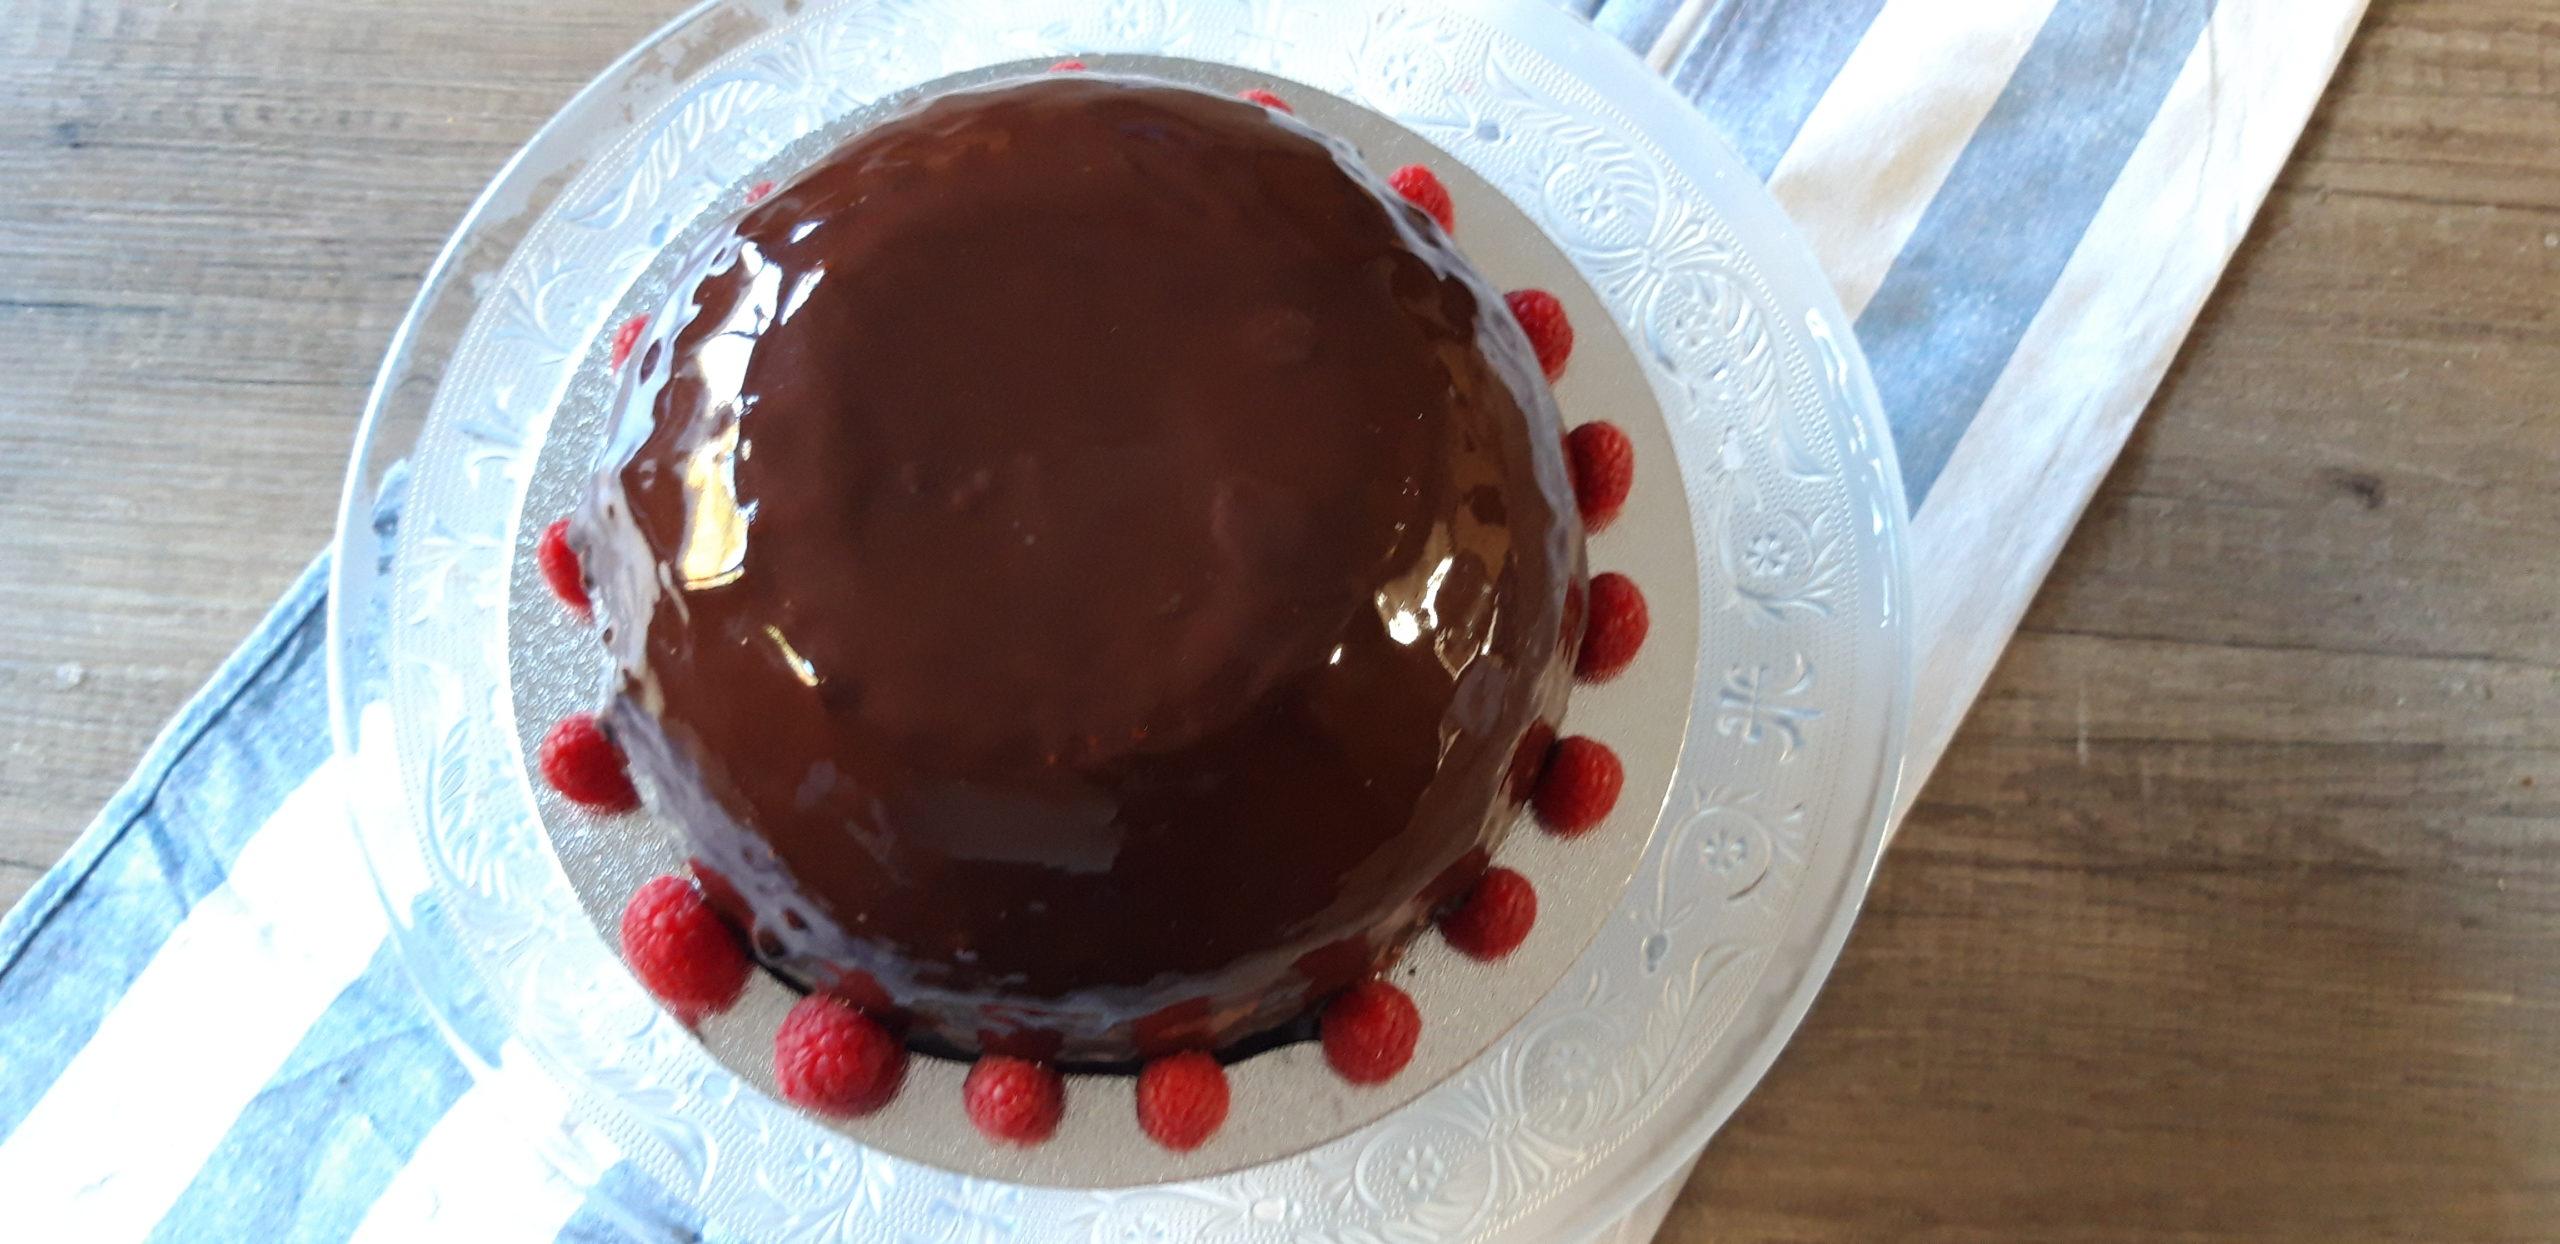 boltaartje met chocolademousse